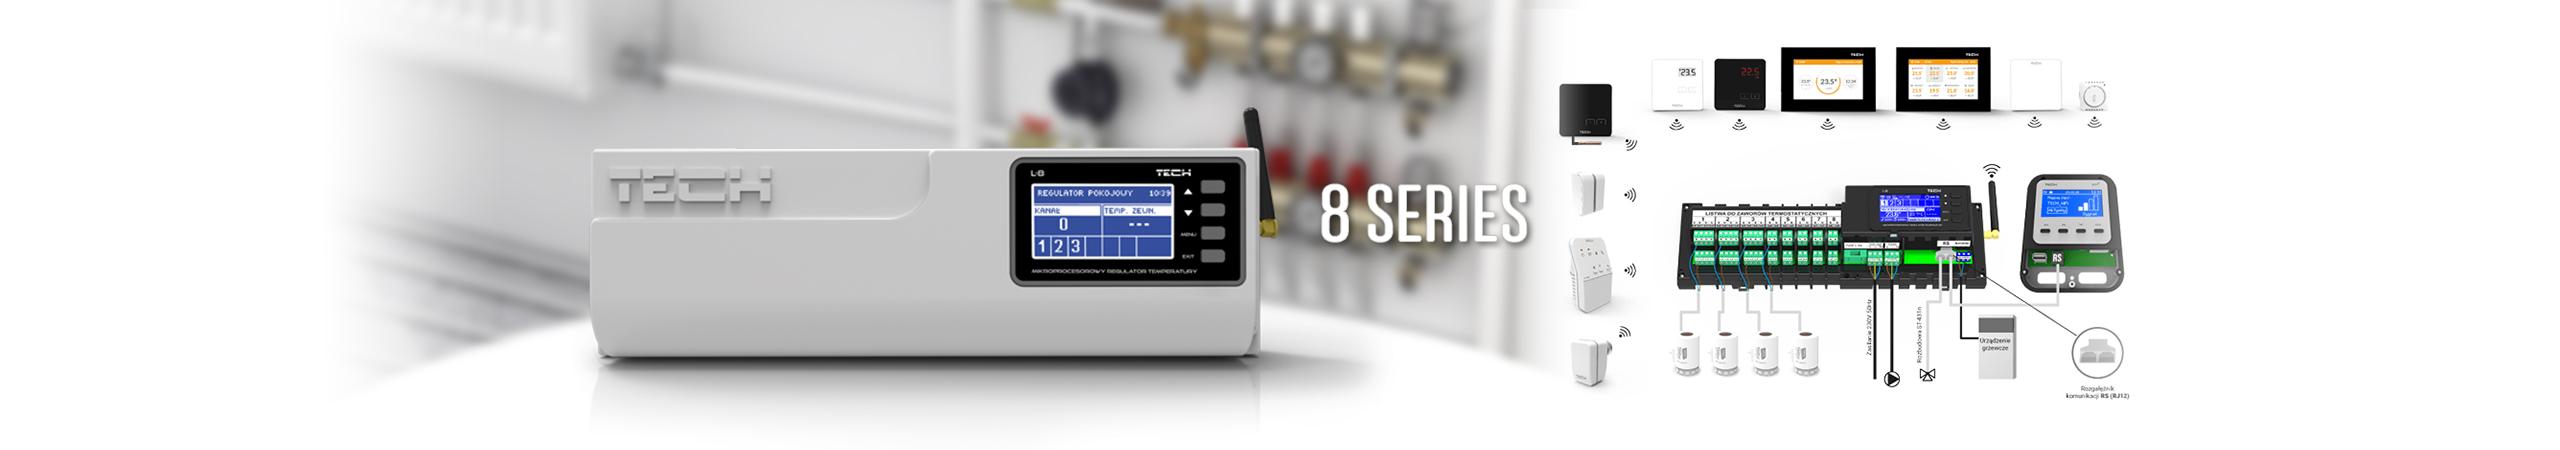 Sterowniki do ogrzewania podłogowego i grzejnikowego - Seria 8 - zdalne sterowanie przez internet instalacjami - TECH Sterowniki